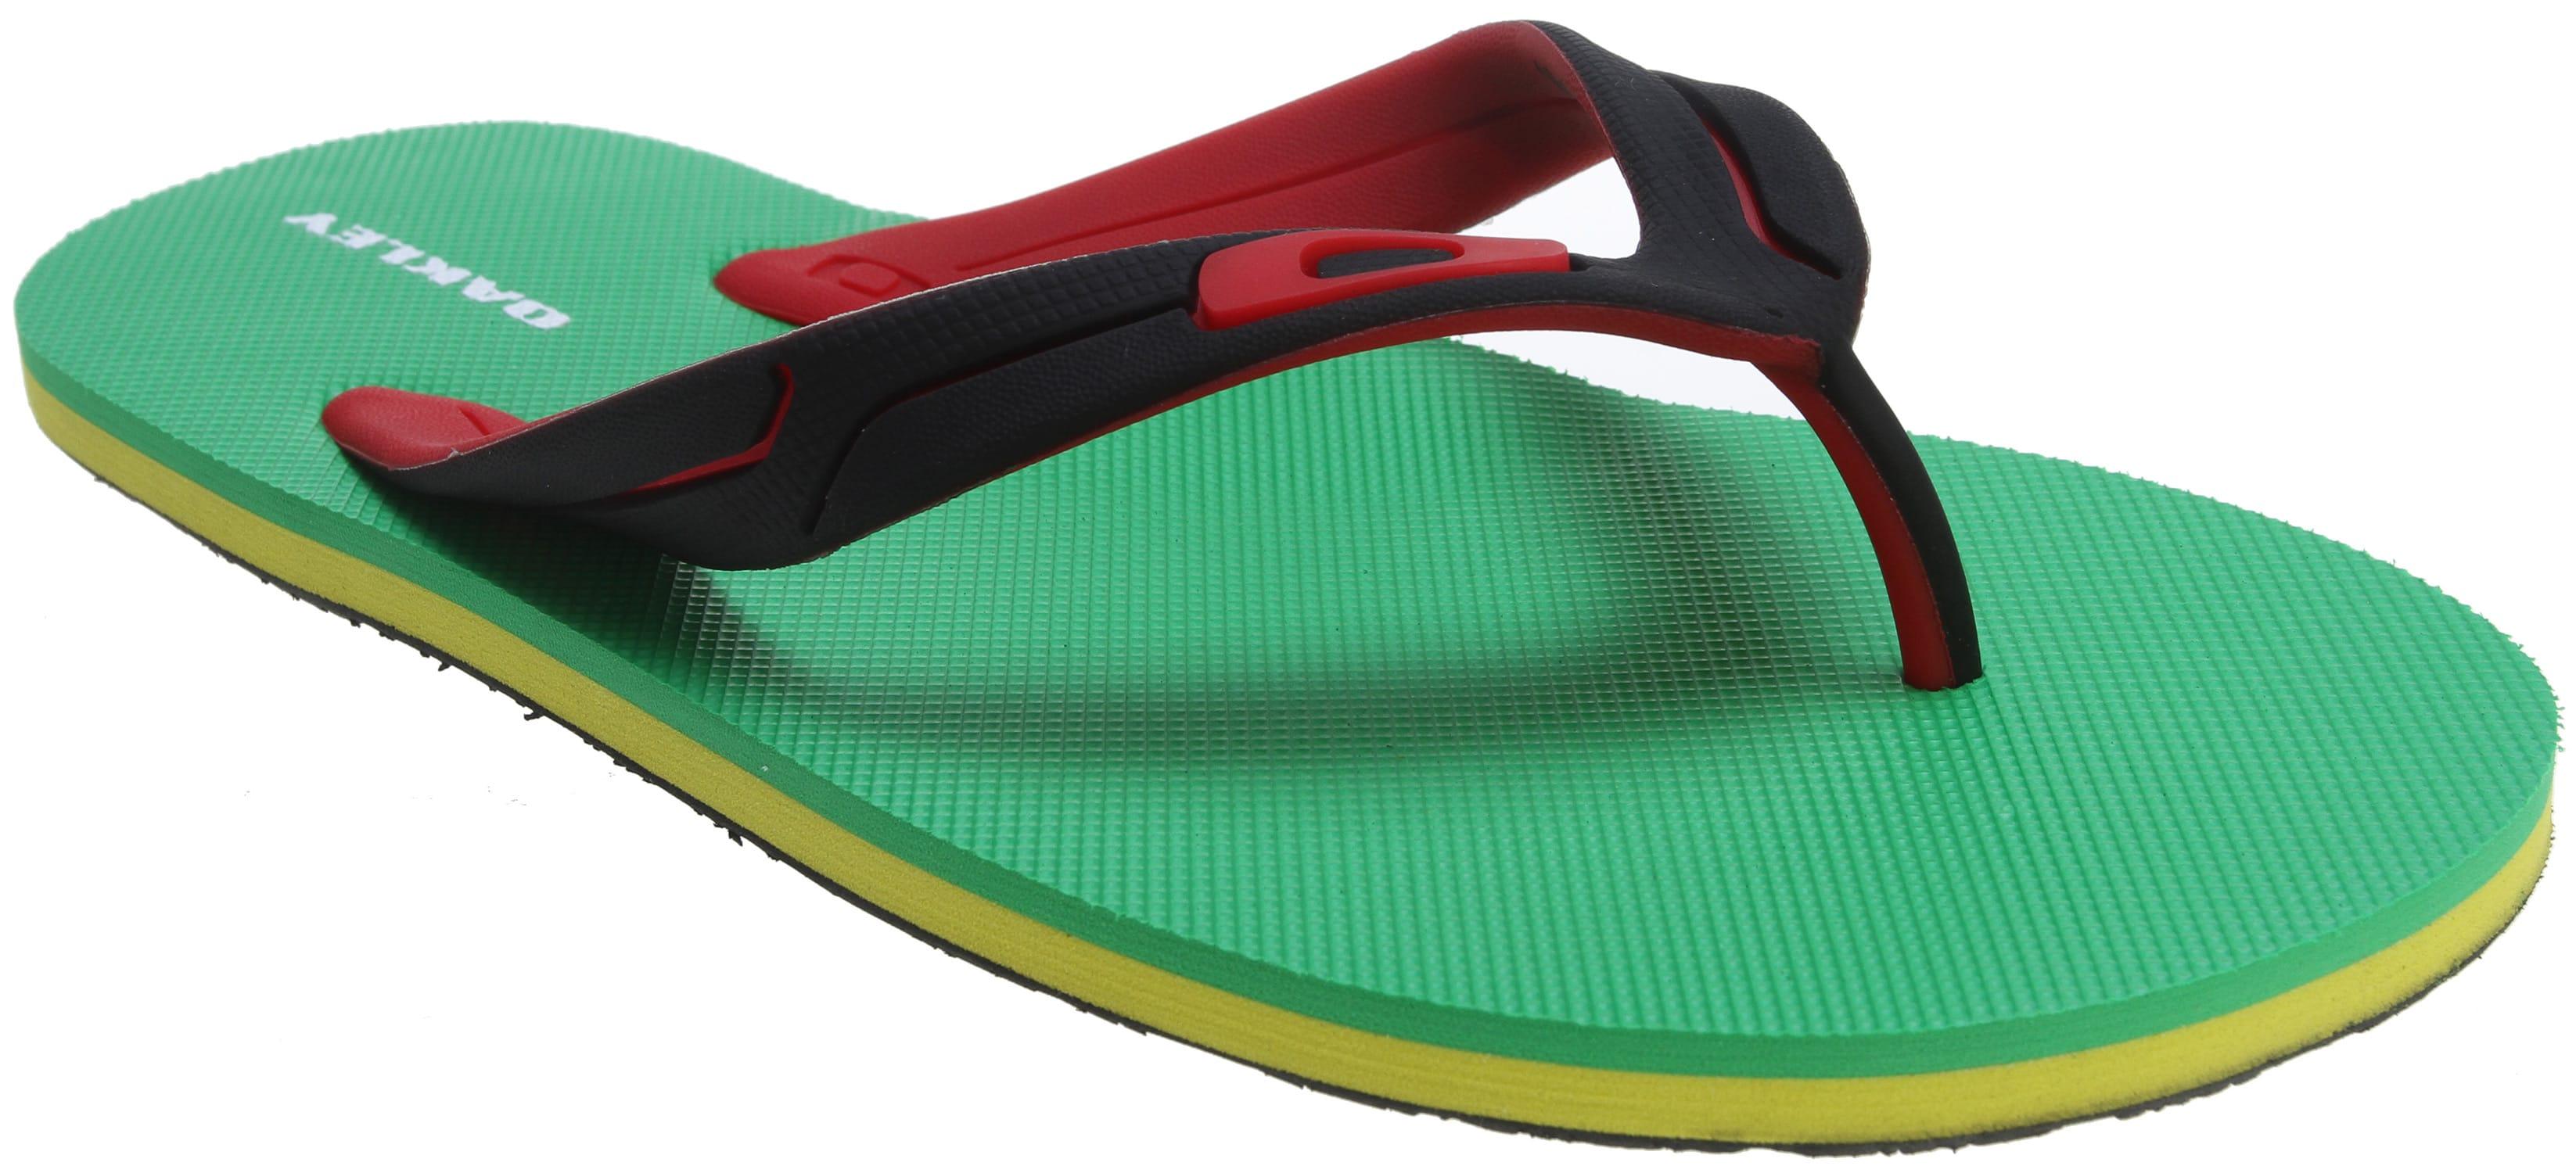 68e1f87d381 Oakley Slippers For Sale « Heritage Malta